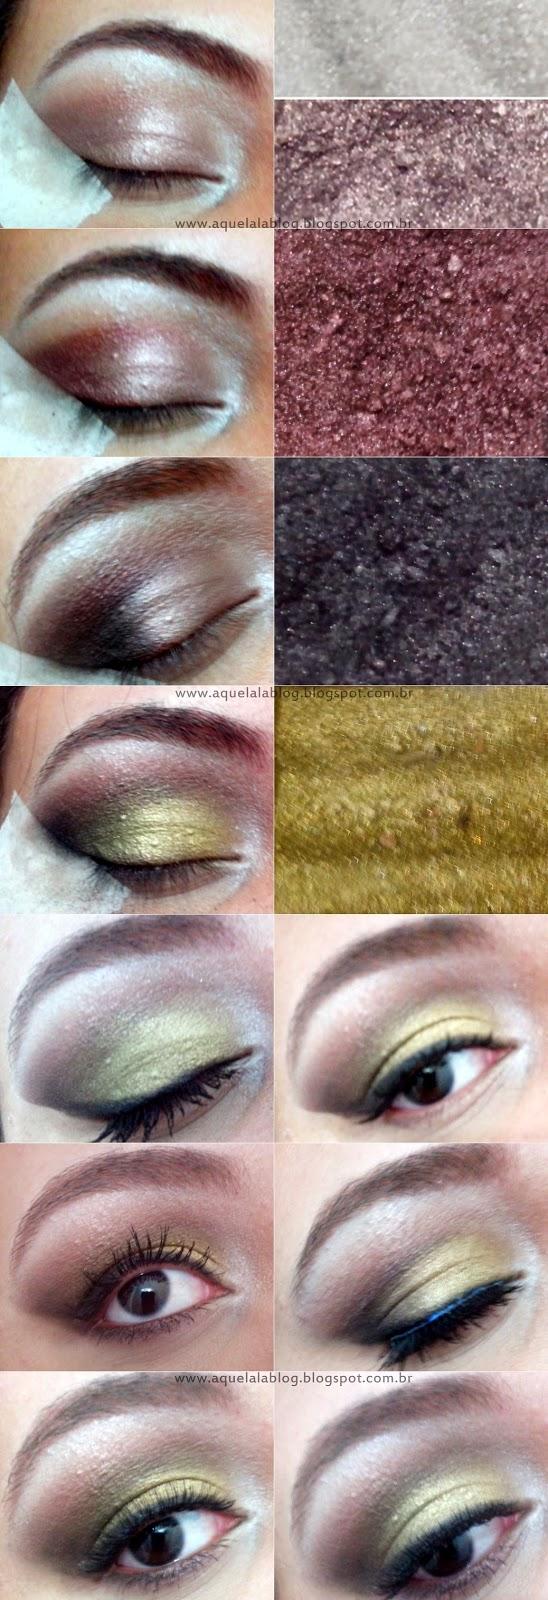 Maquiagem para o Natal, Makeup para o Natal com batom vermelho e sombra dourada